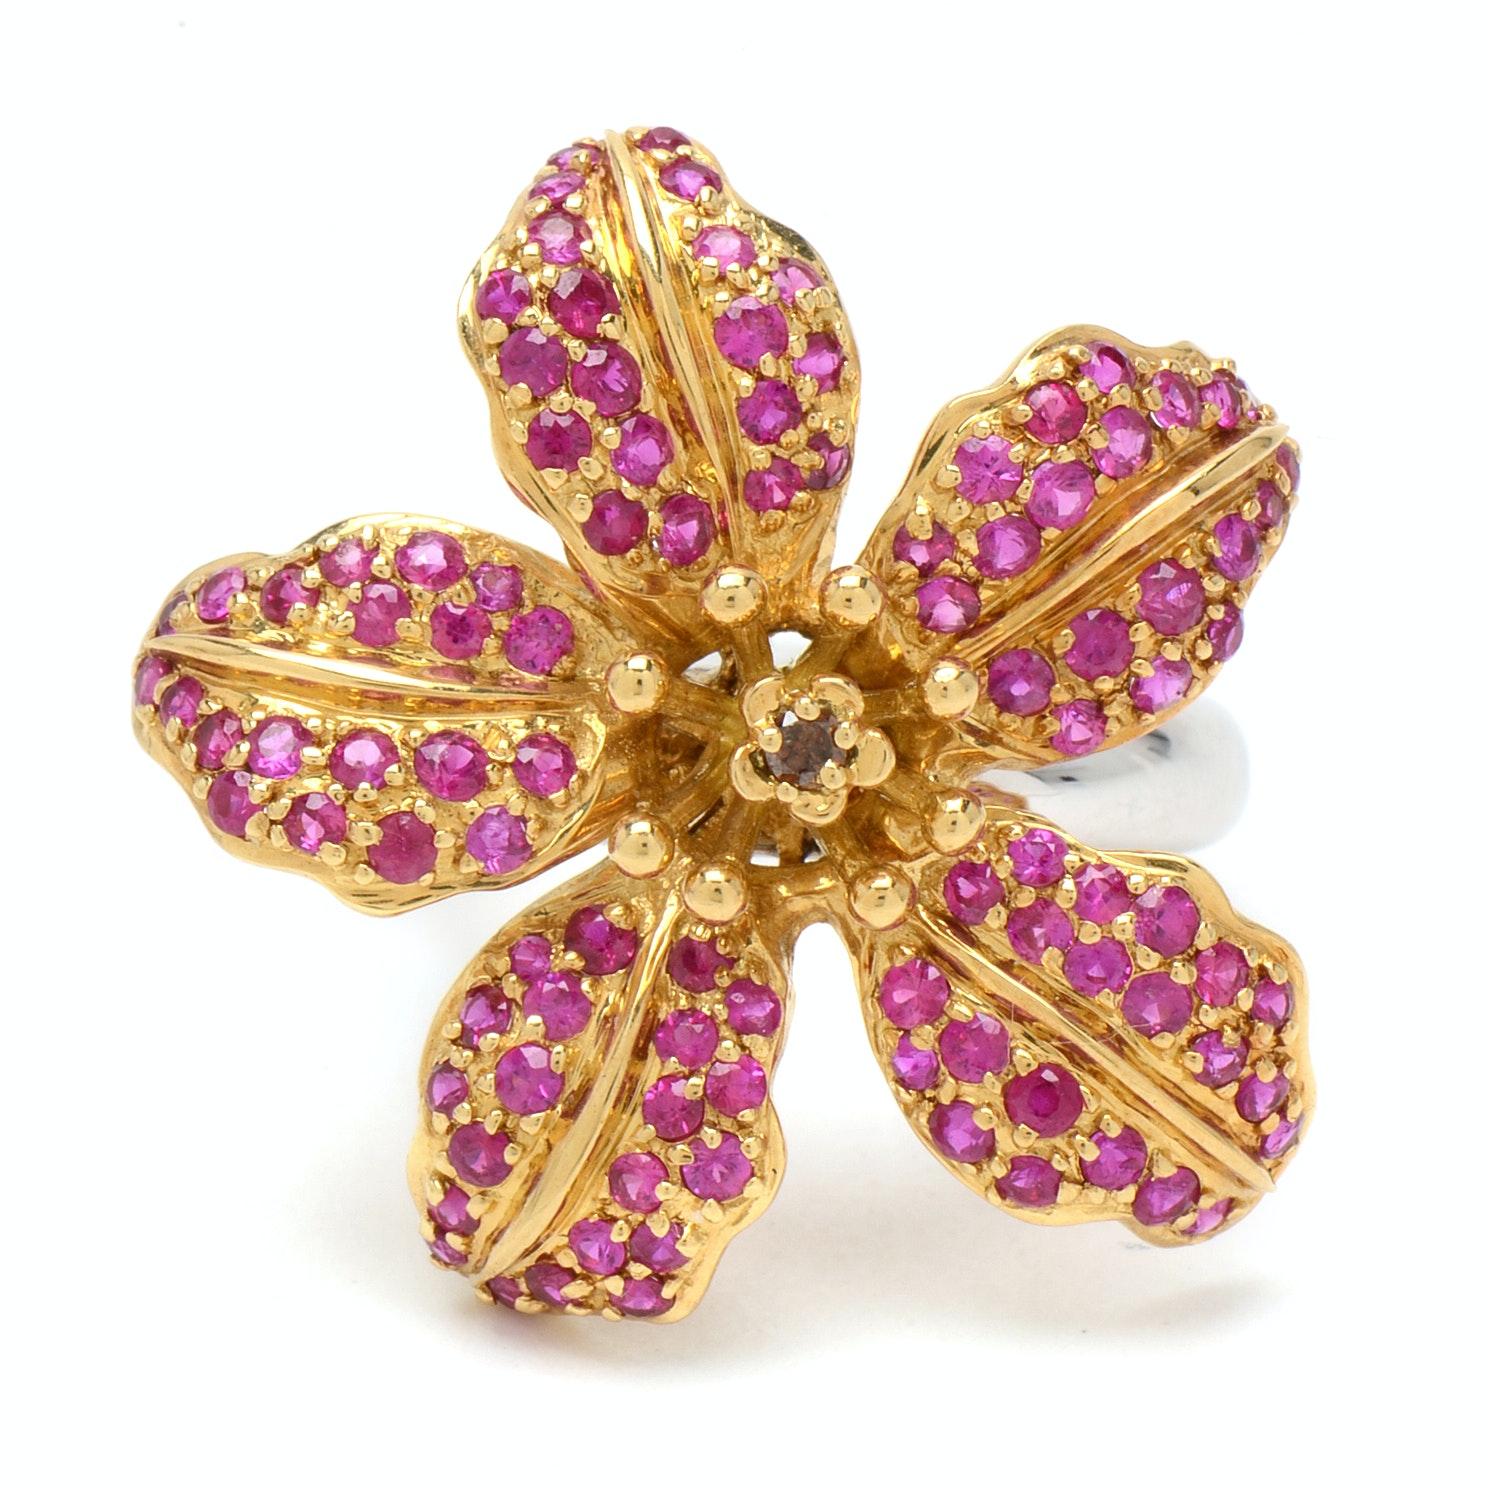 Samuel Benham 18K Yellow and White Gold Diamond and Ruby Lily Ring